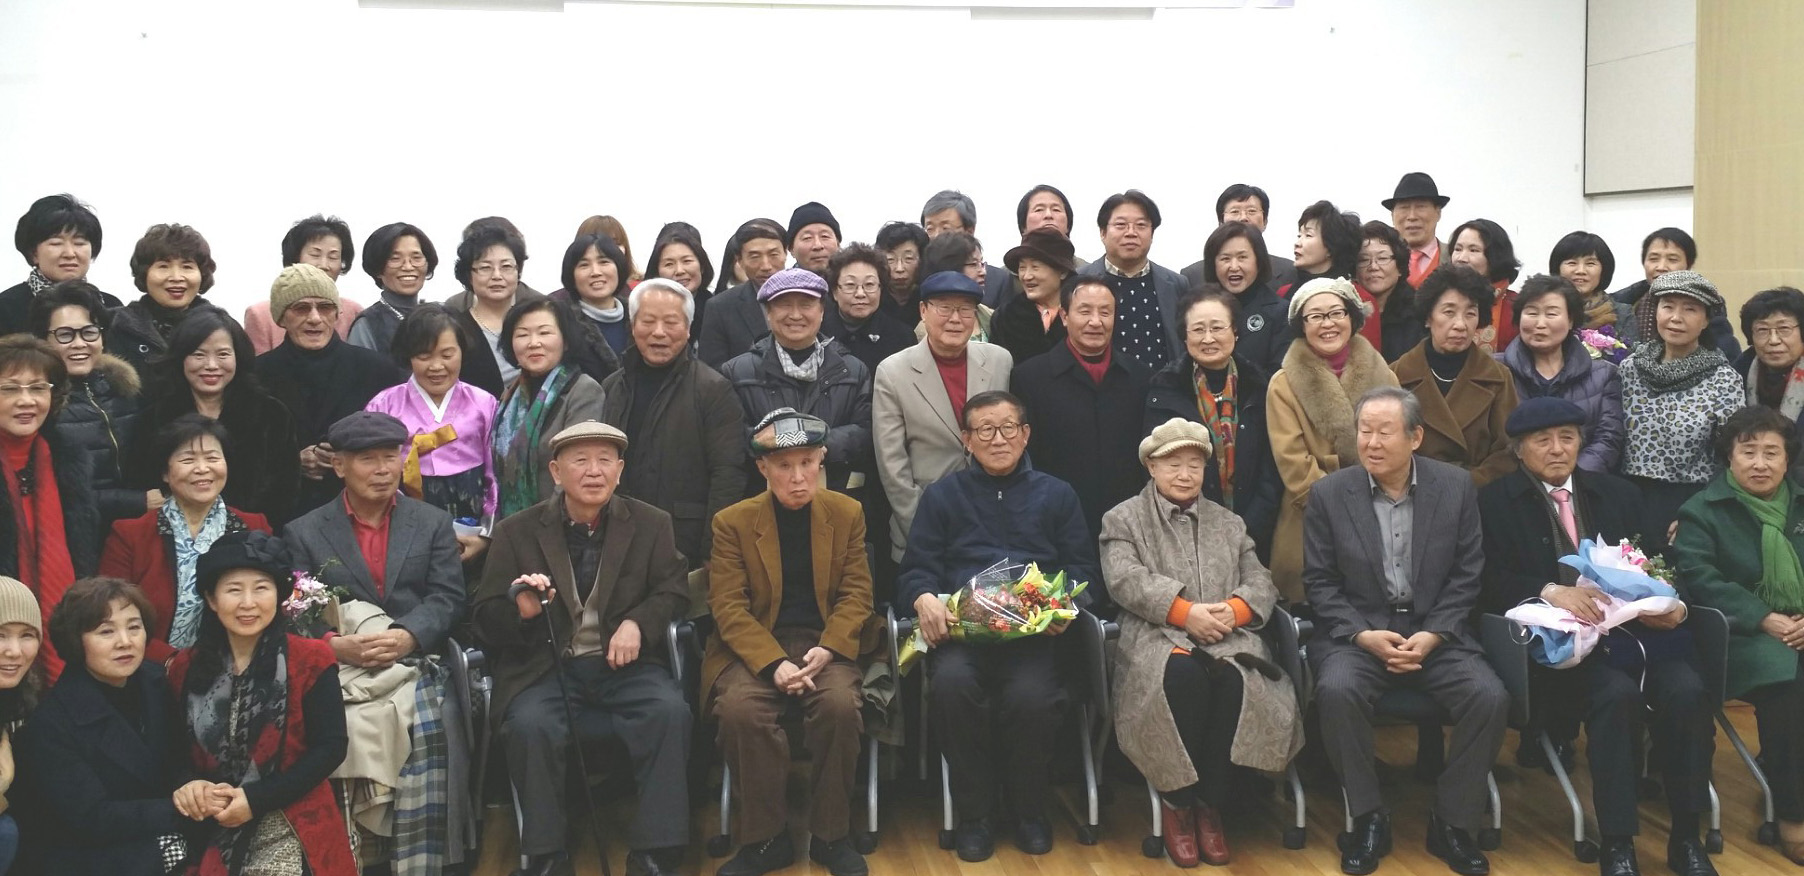 2014년 시인들이 뽑는 시인상  유봉희 시인 수상